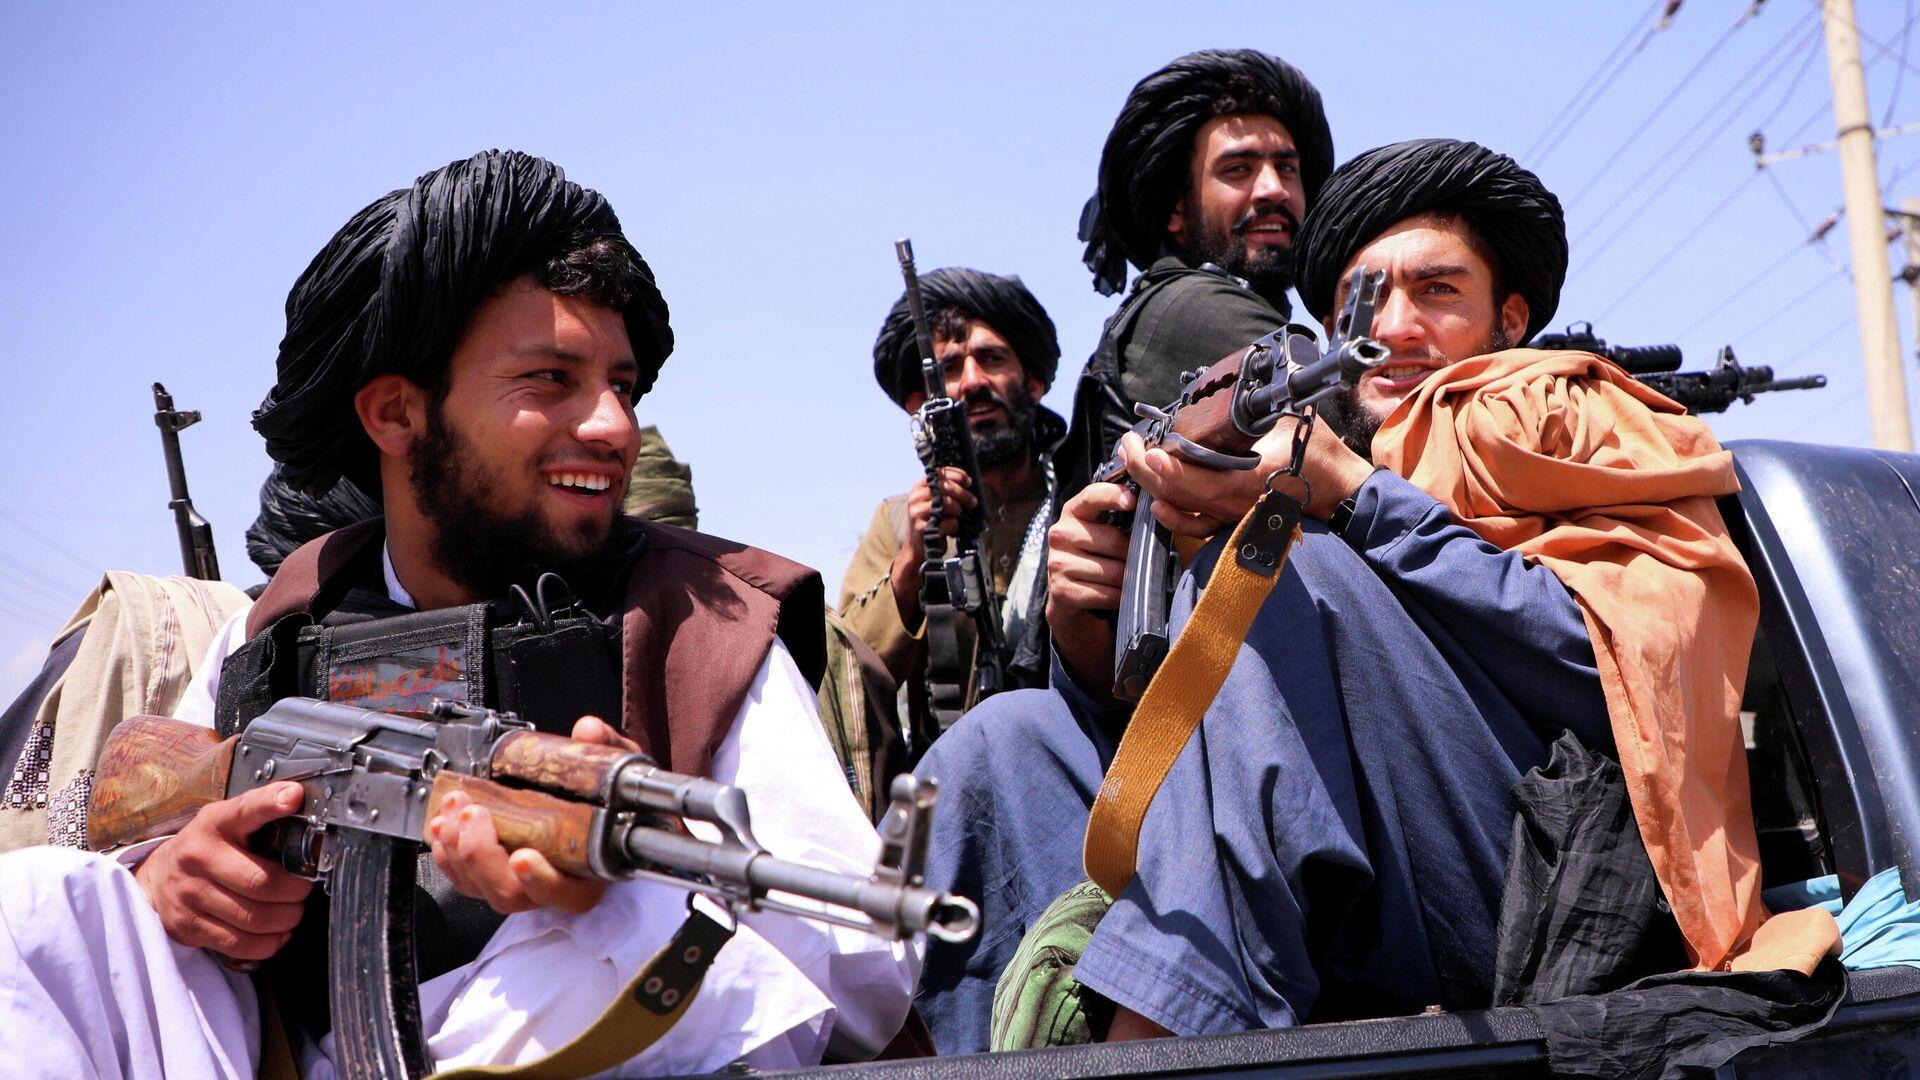 Las fuerzas talibanes patrullan frente al Aeropuerto Internacional Hamid Karzai en Kabul, Afganistán, 2 de septiembre de 2021 - Sputnik Mundo, 1920, 07.09.2021